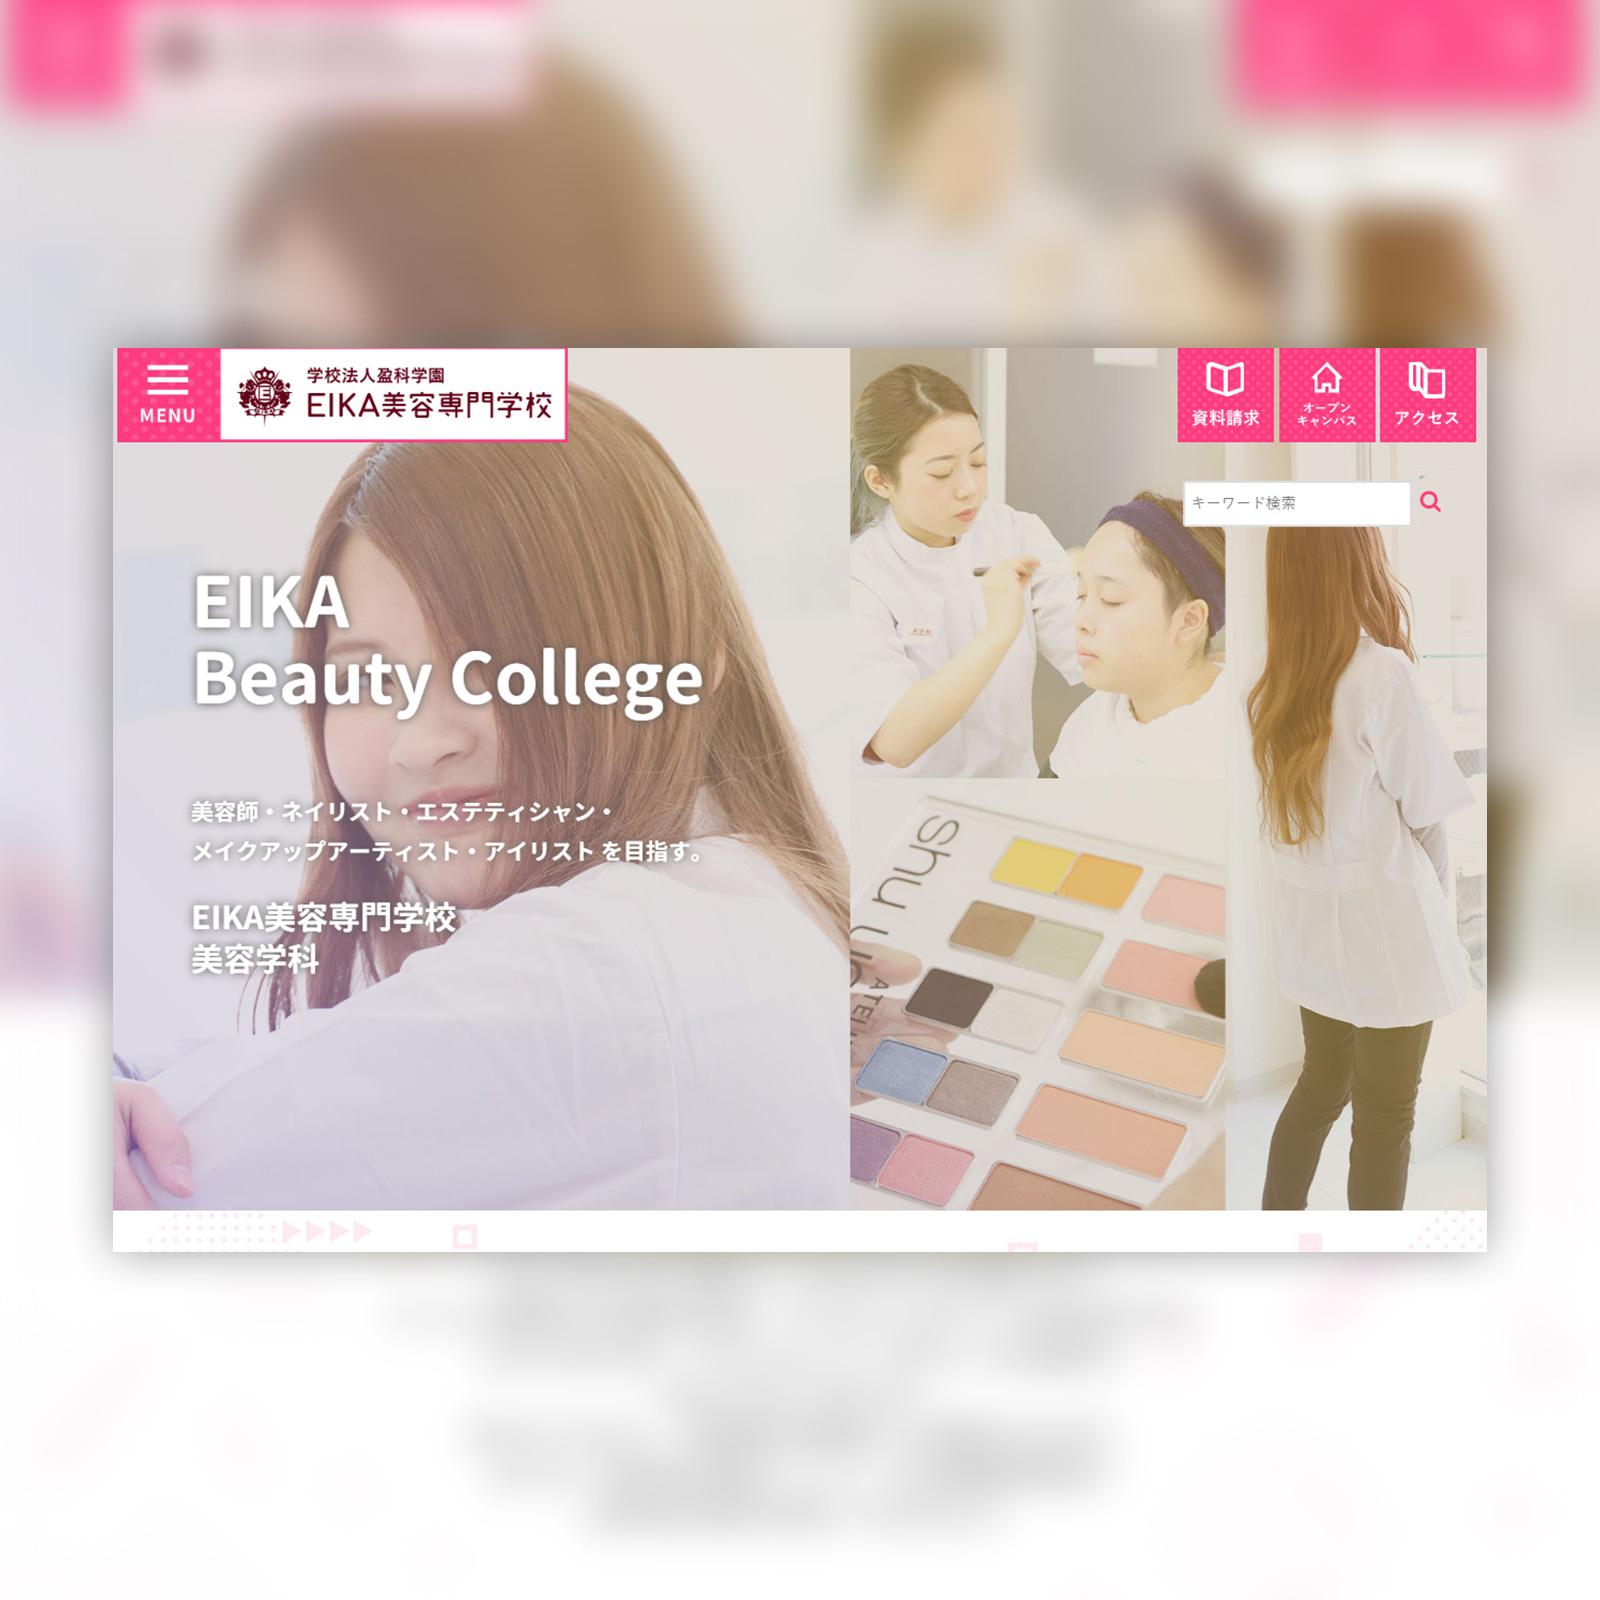 盈科学園 美容学科 ホームページ